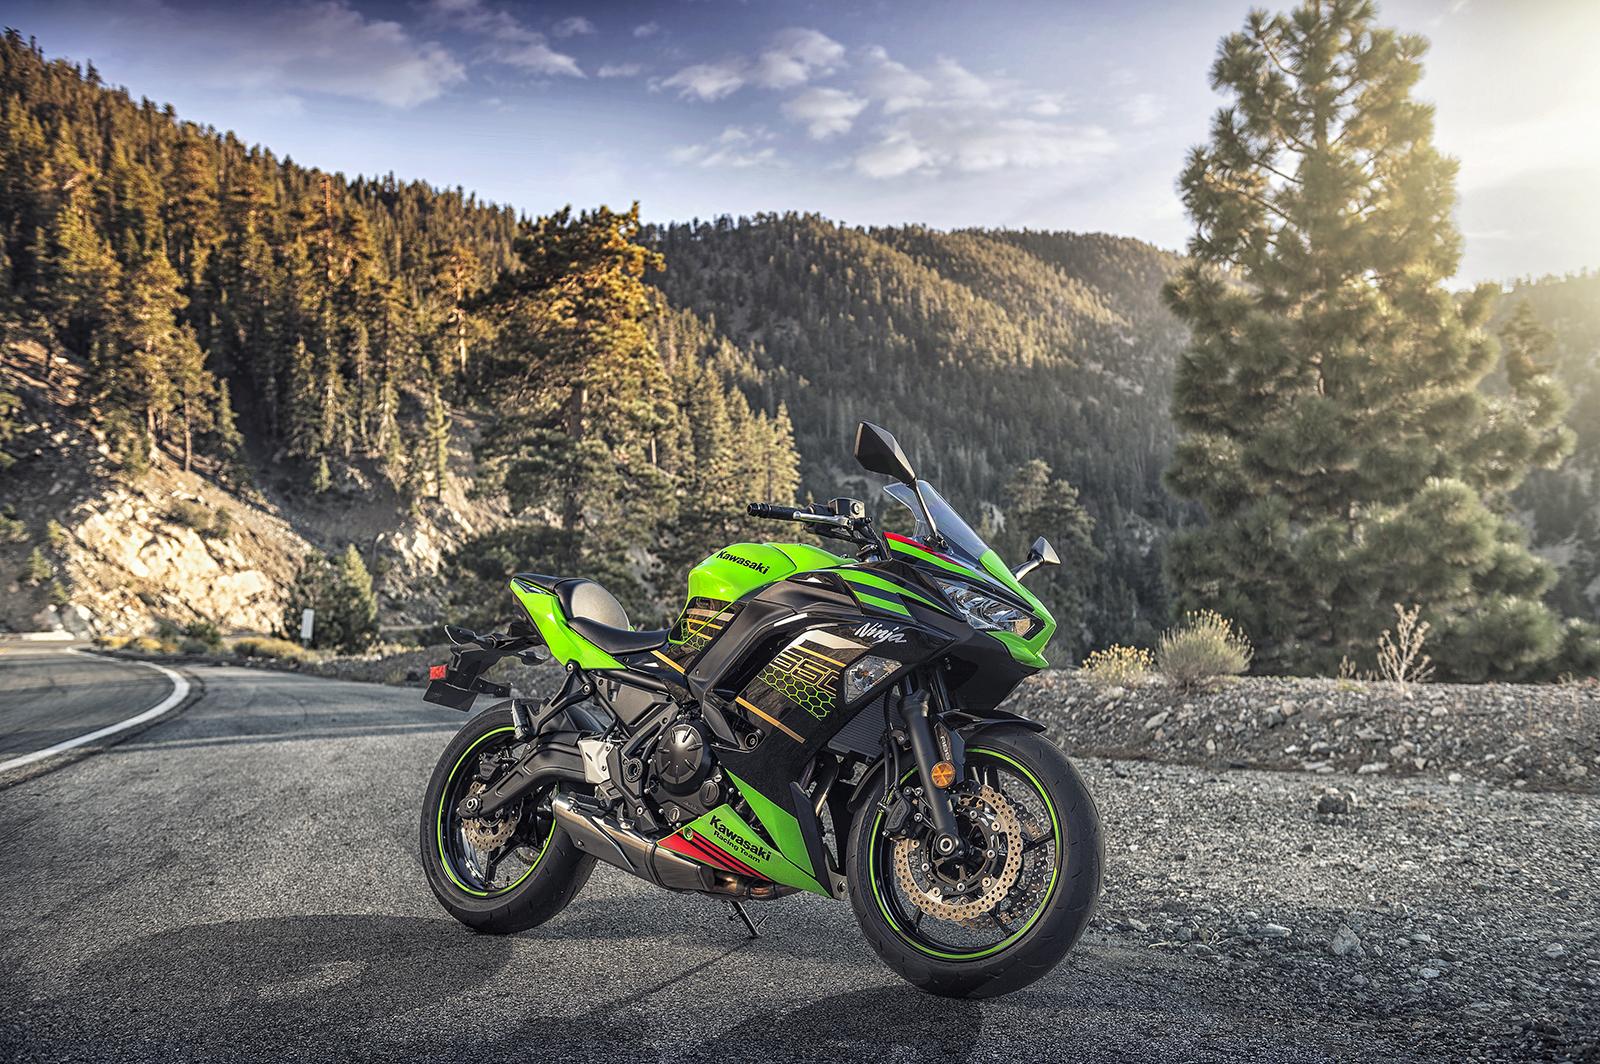 Kawasaki(カワサキ) 米国で2020年新型Ninja650を公開!